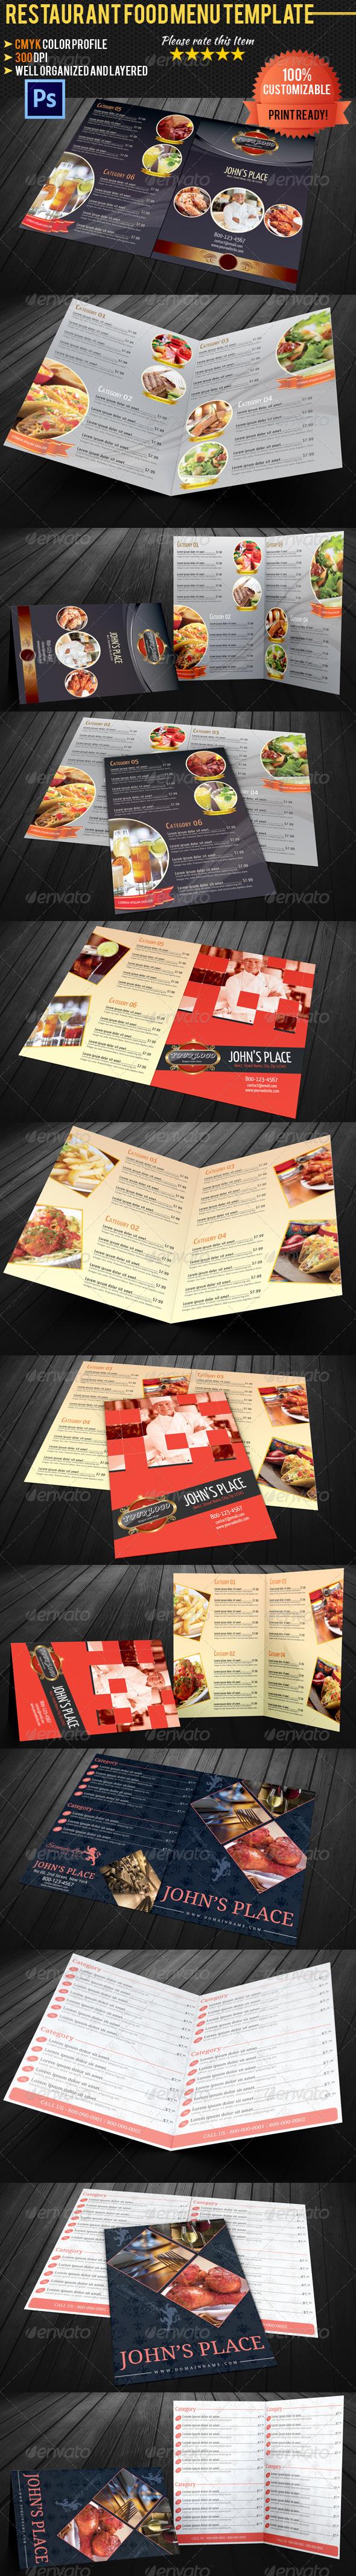 Bi-fold Restaurant Food Menu Template Bundle - Food Menus Print Templates